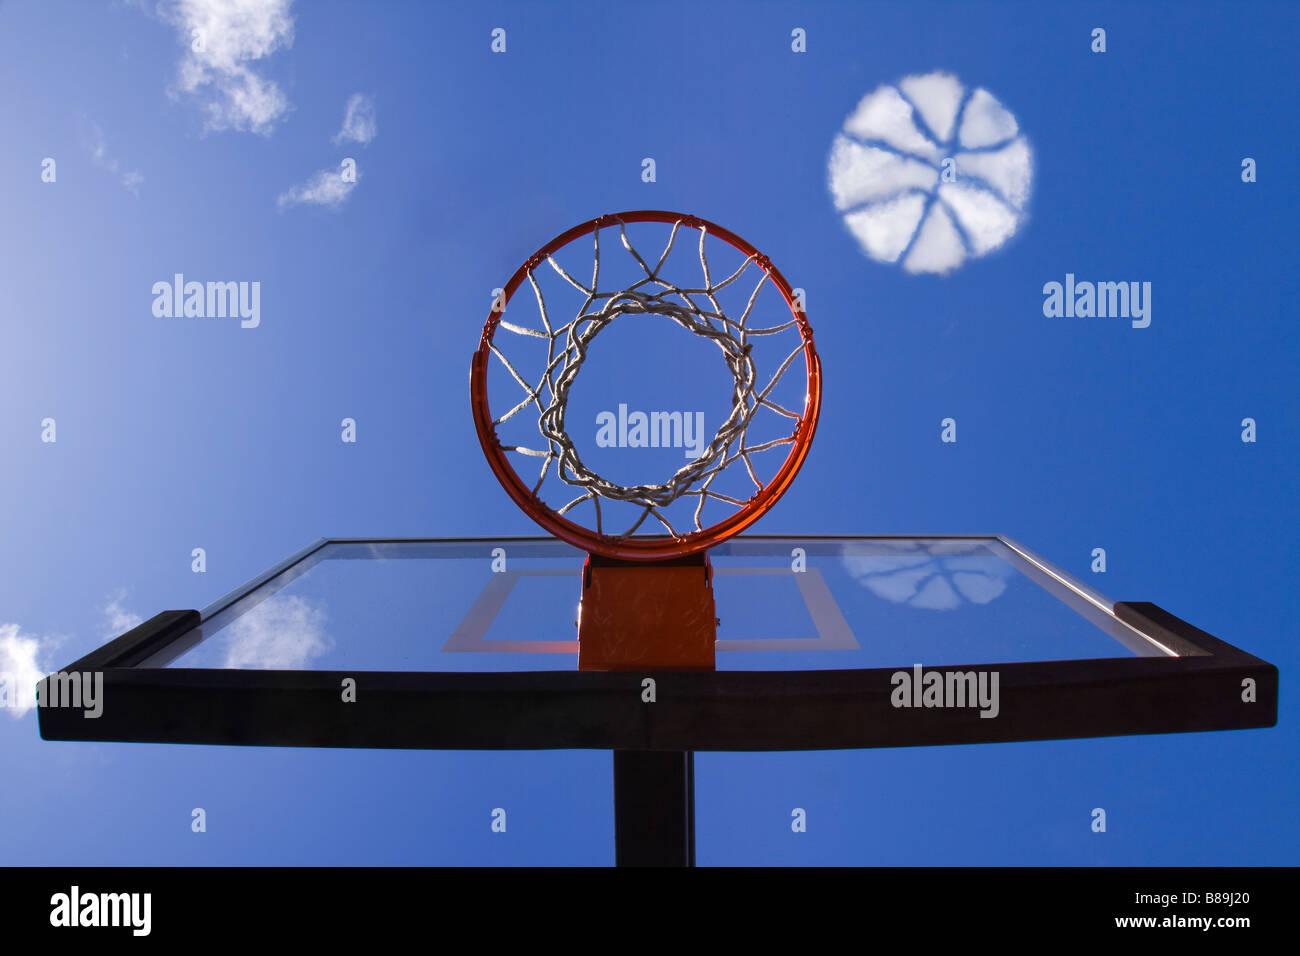 Nube en el cielo, en la forma de un balón de baloncesto de acercarse a un aro de baloncesto como si está Imagen De Stock